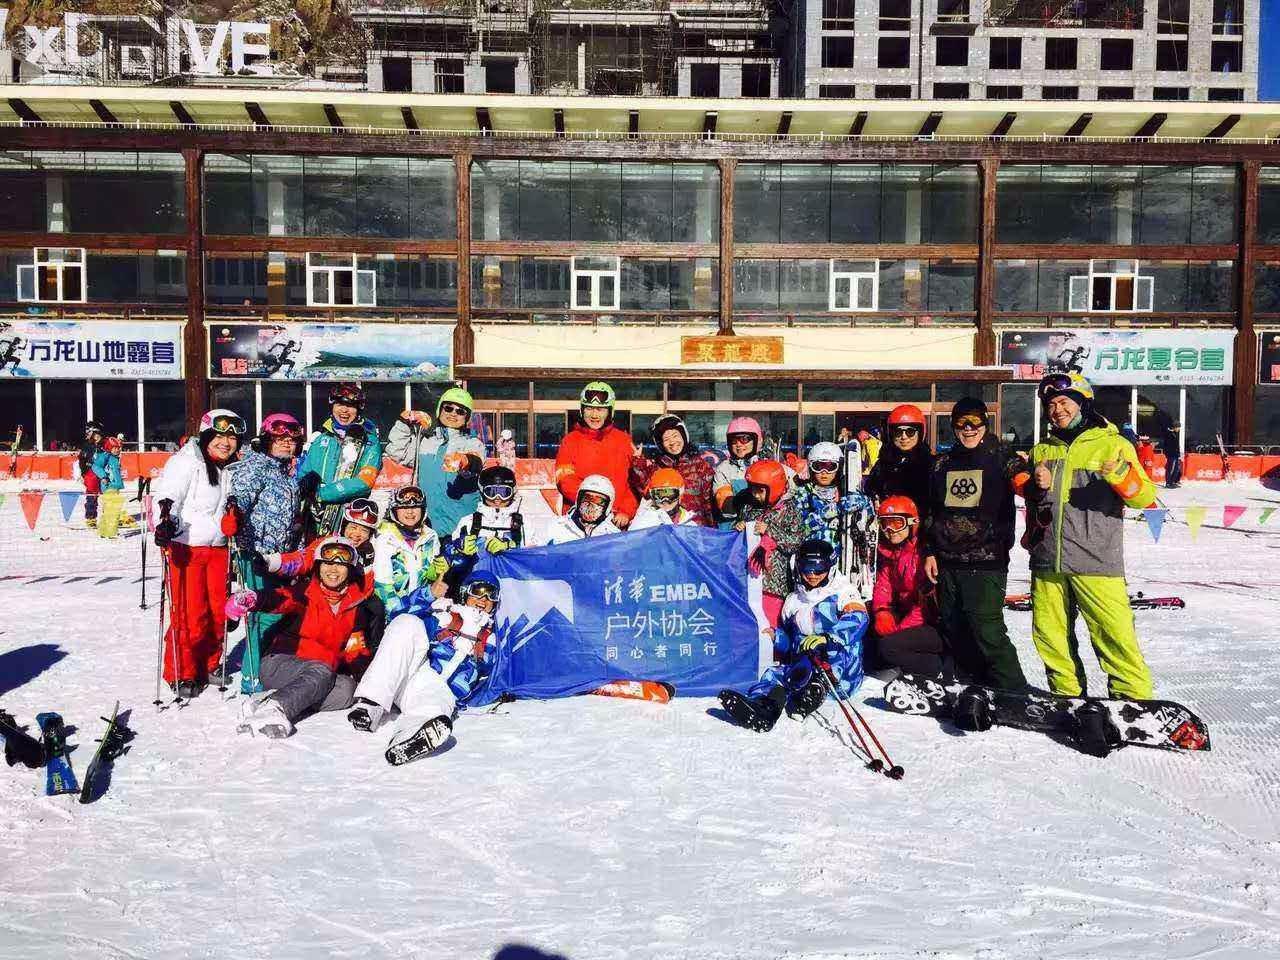 清华大学EMBA户外滑雪协会-